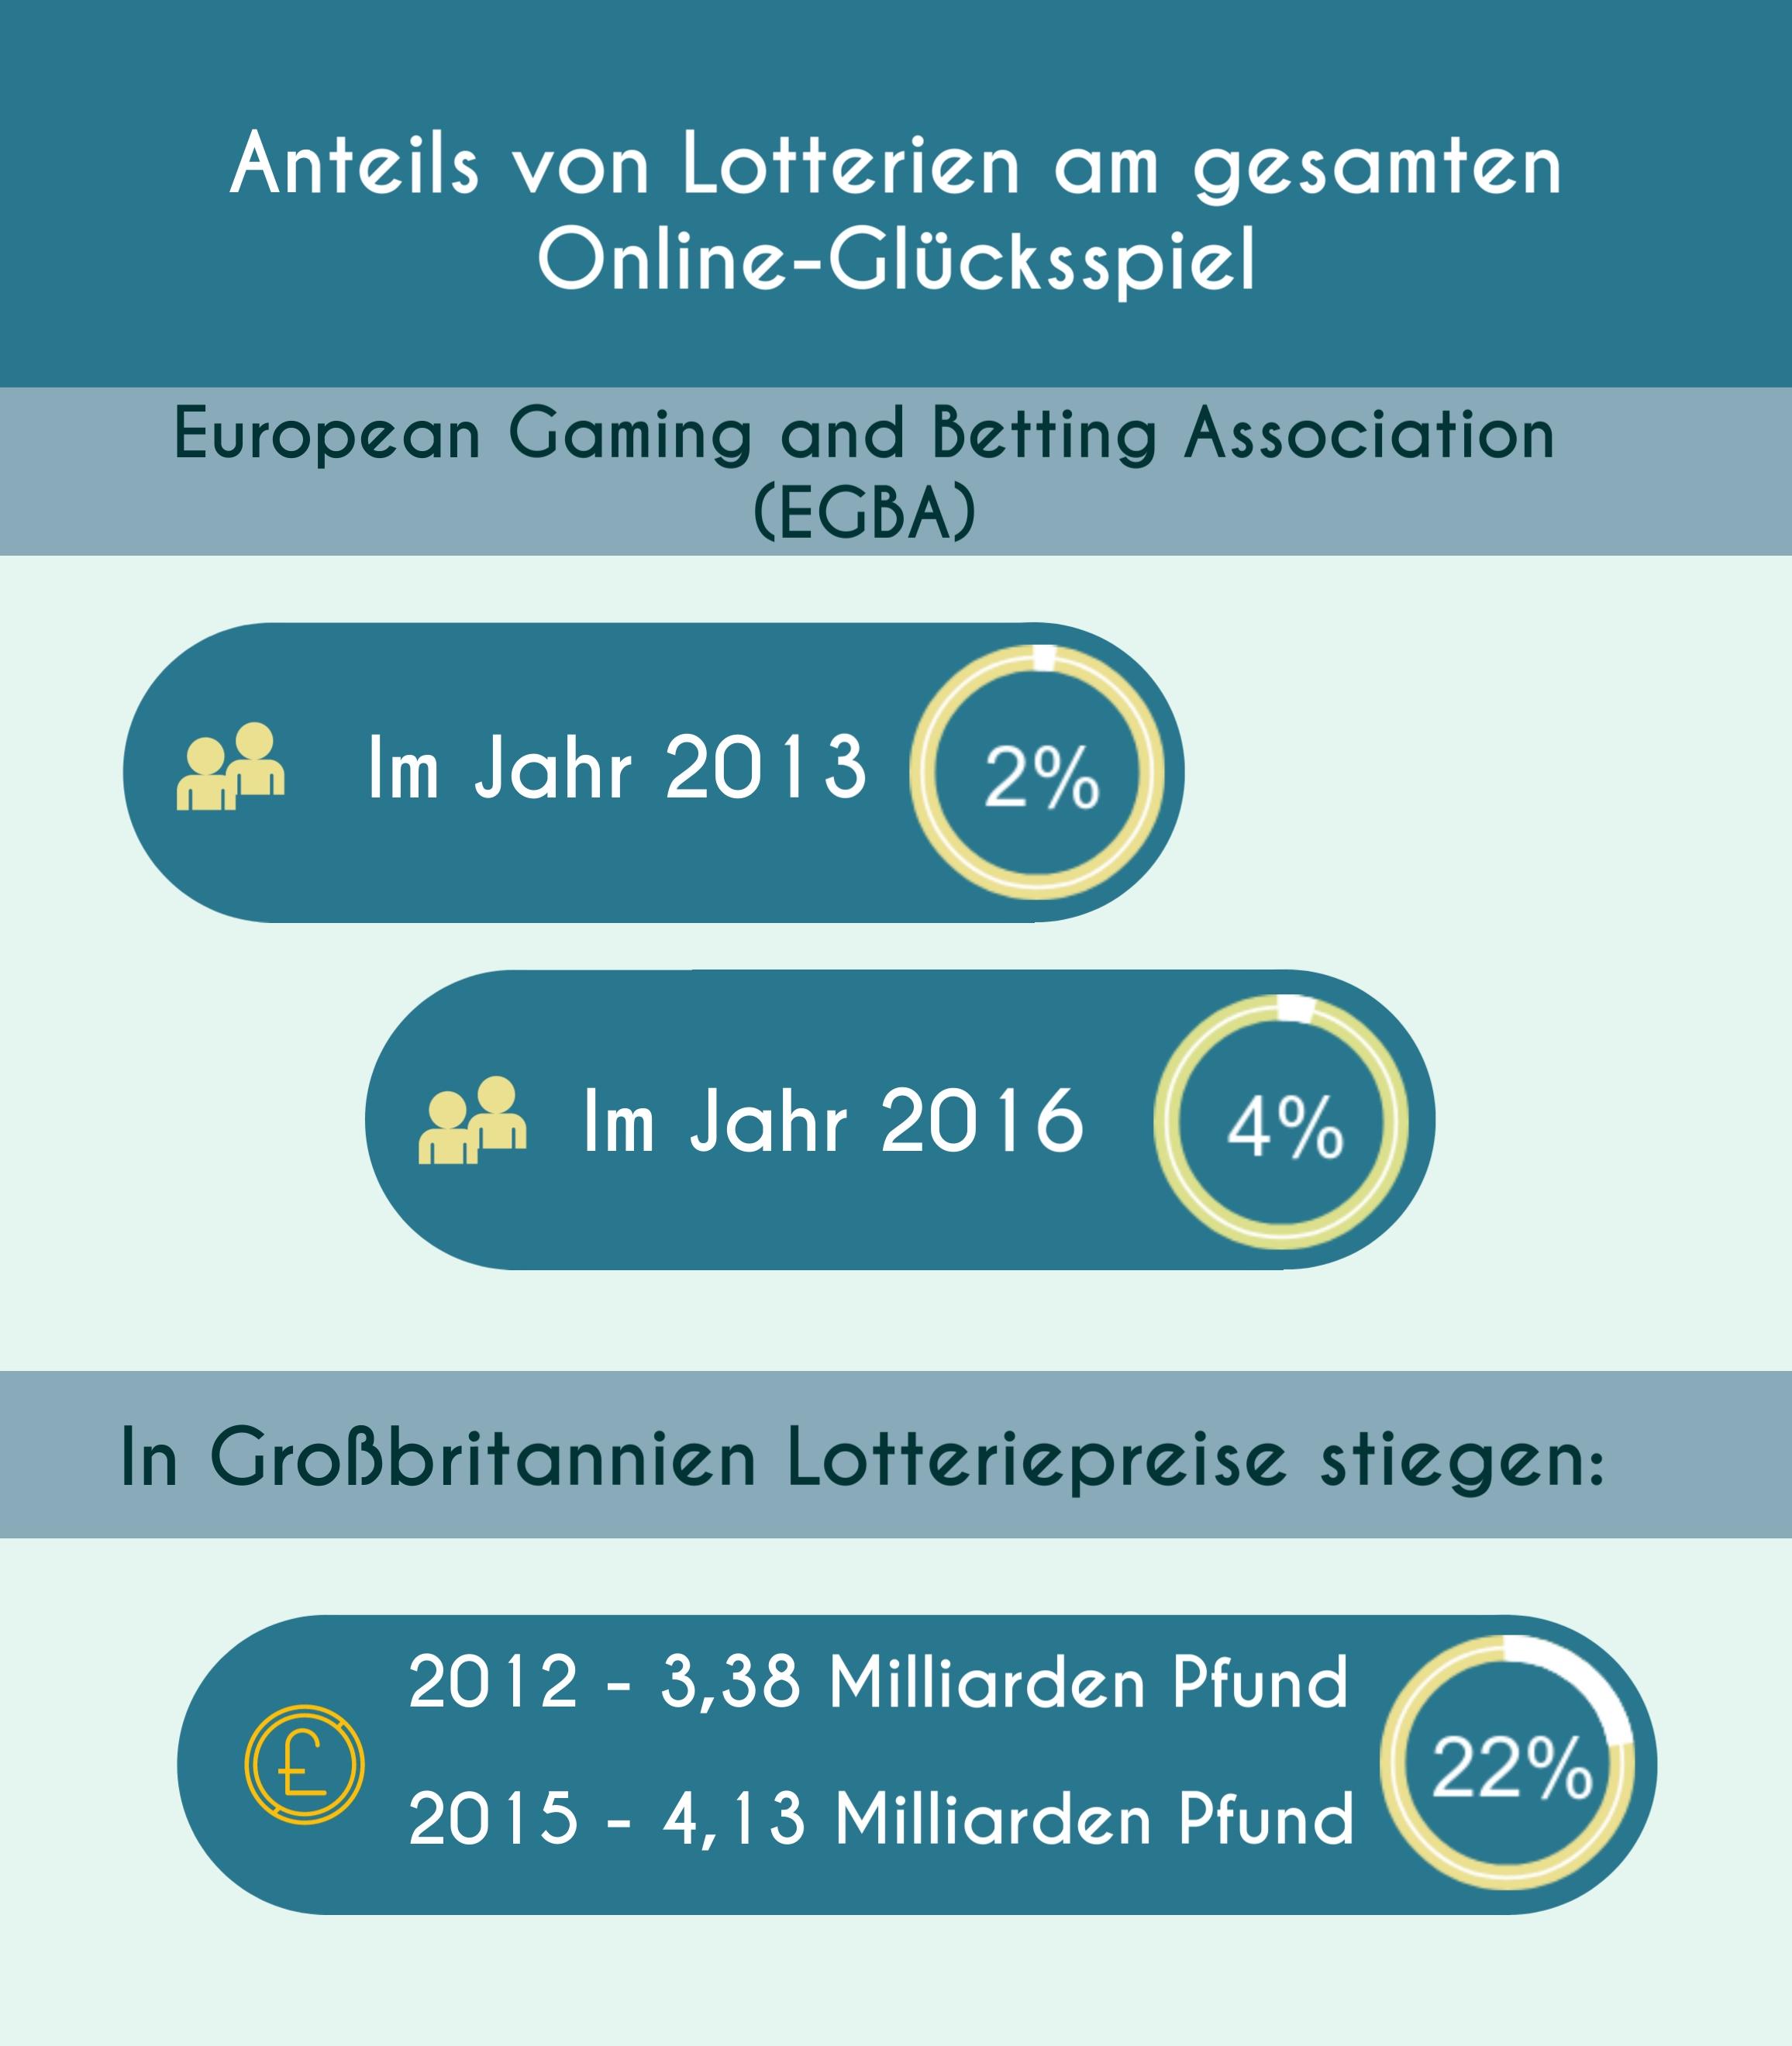 Lotterien Glückspiele Infographic